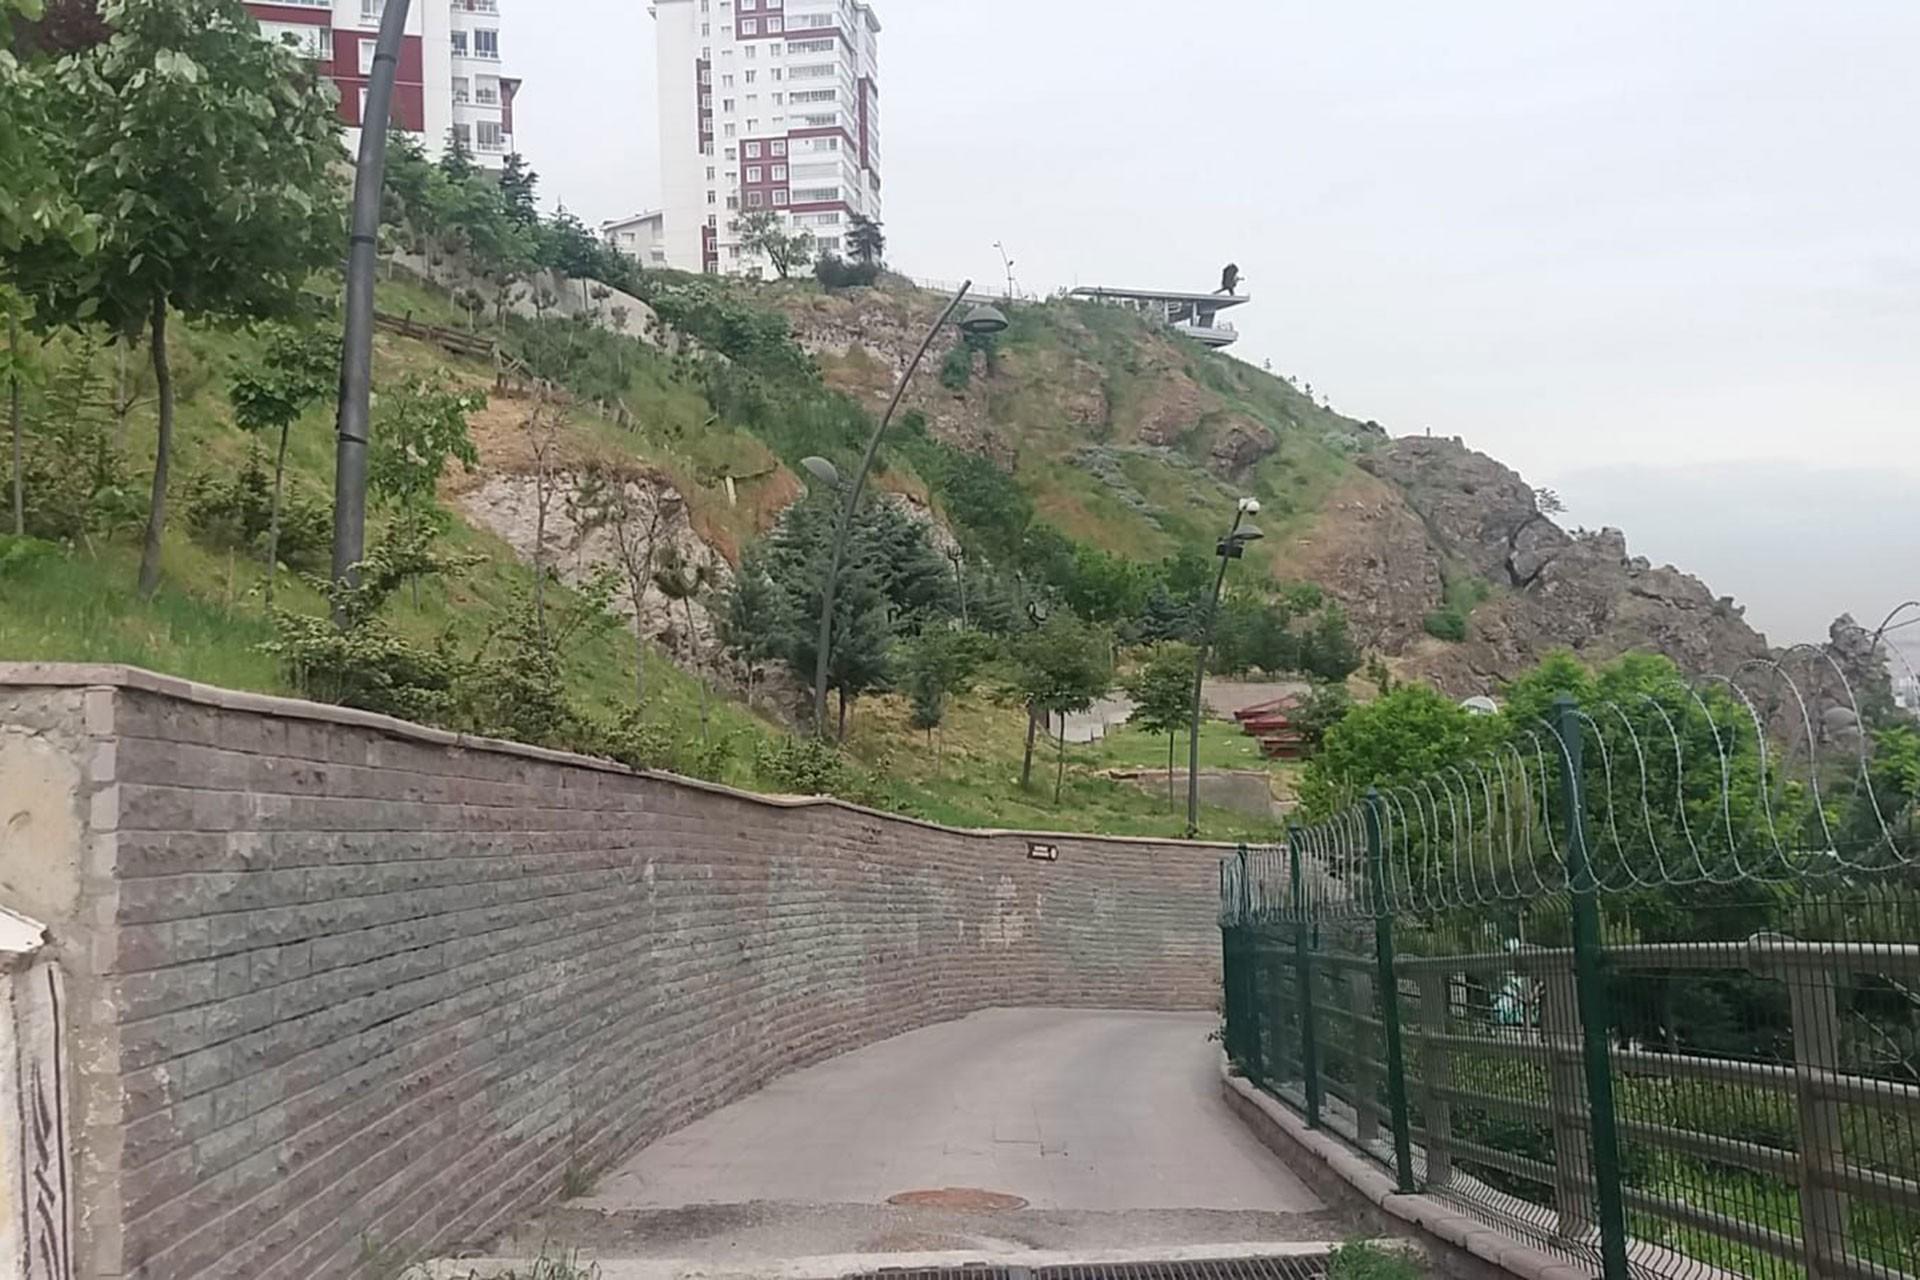 Mamak Belediyesine ait Kartaltepe Kent Parkı'nın güvenli olmadığını söyleyen yurttaşlar, belediye yetkilerine tepkili.